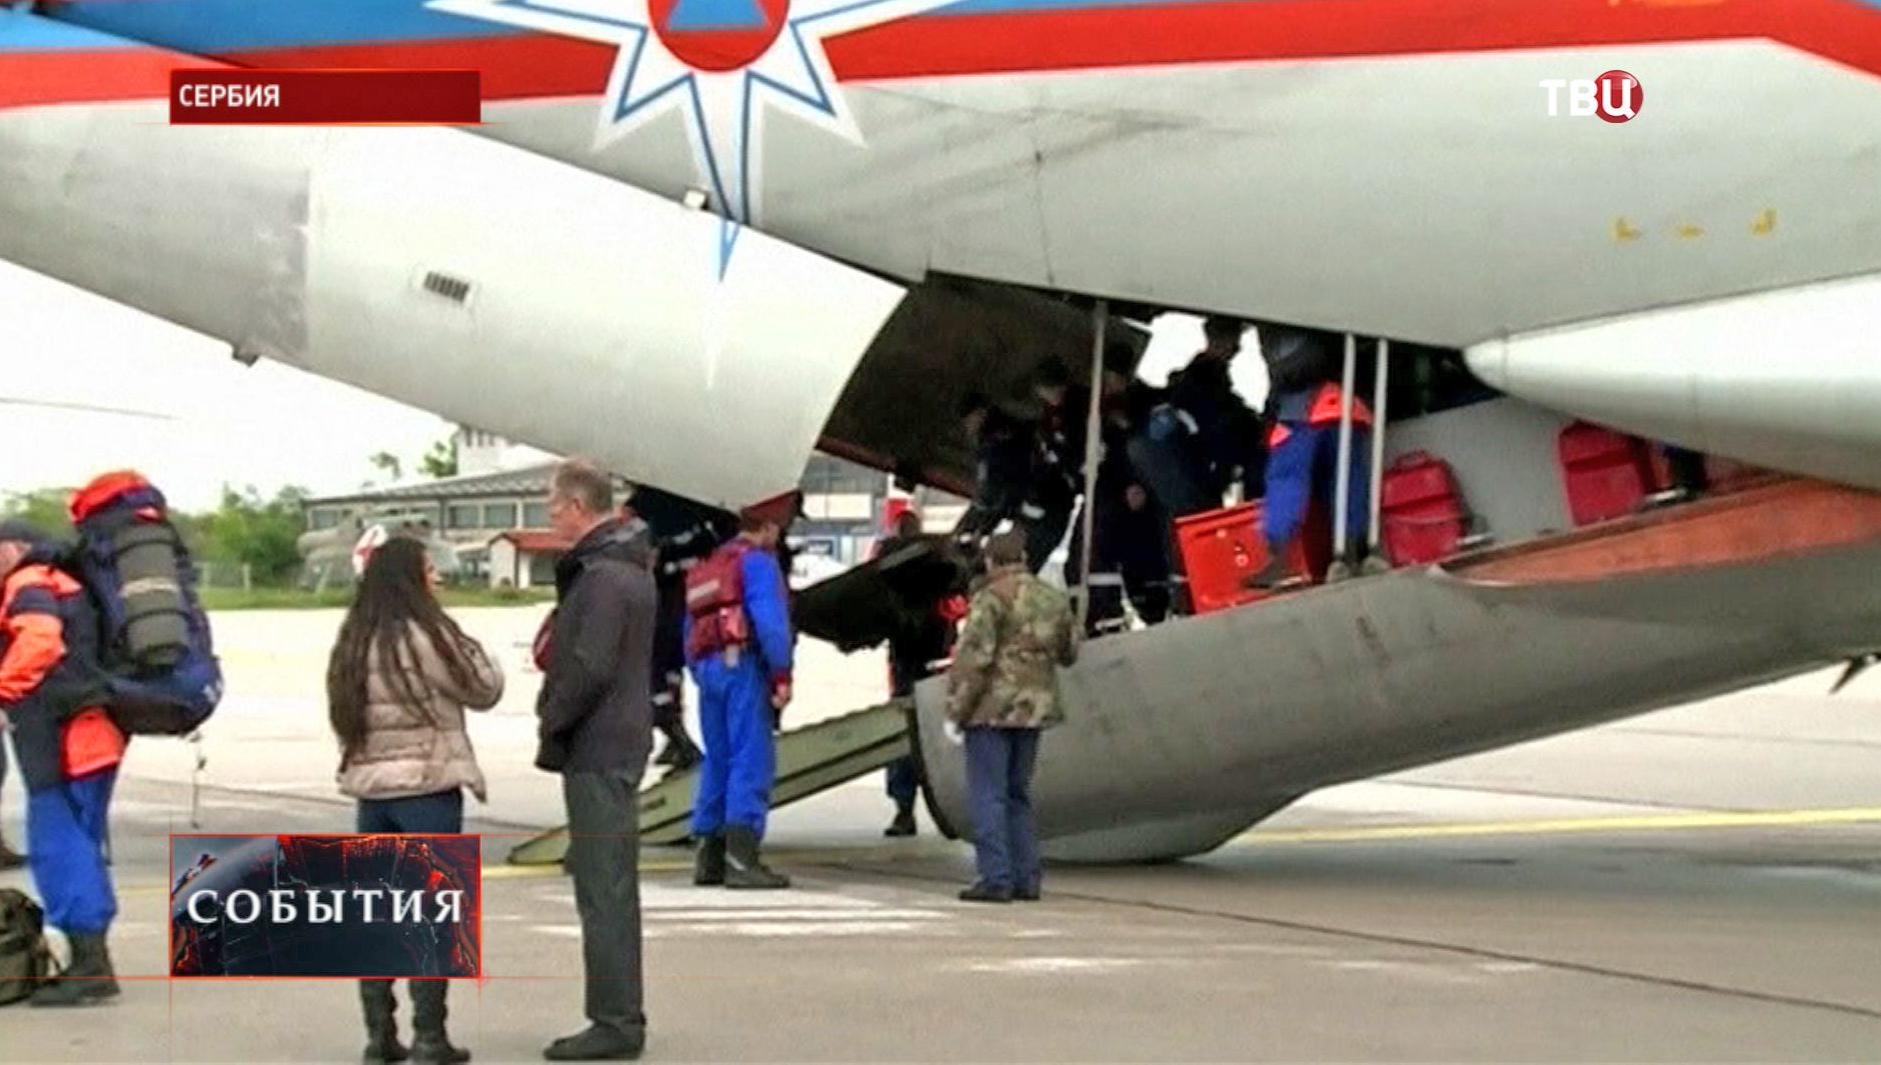 Разгрузка гуманитарной помощи в Сербии